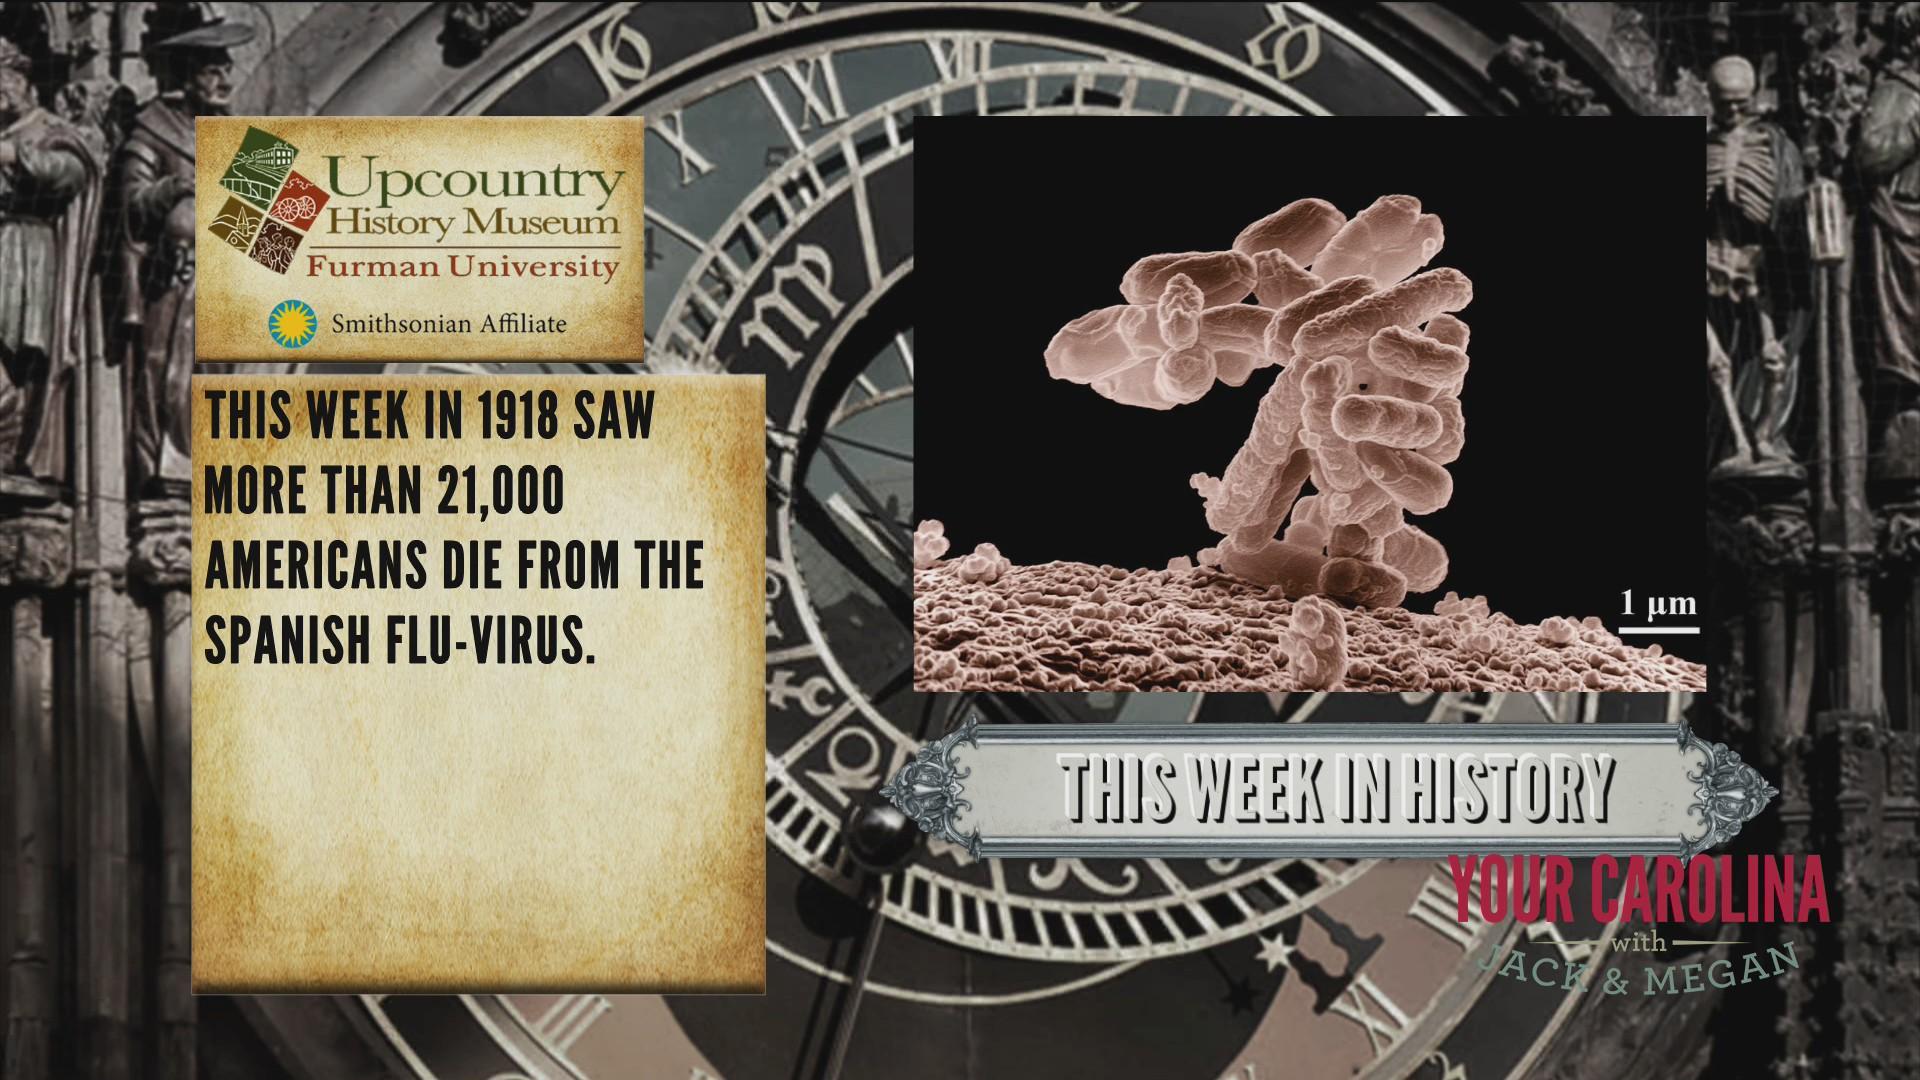 This Week In History - Spanish Flu-Virus